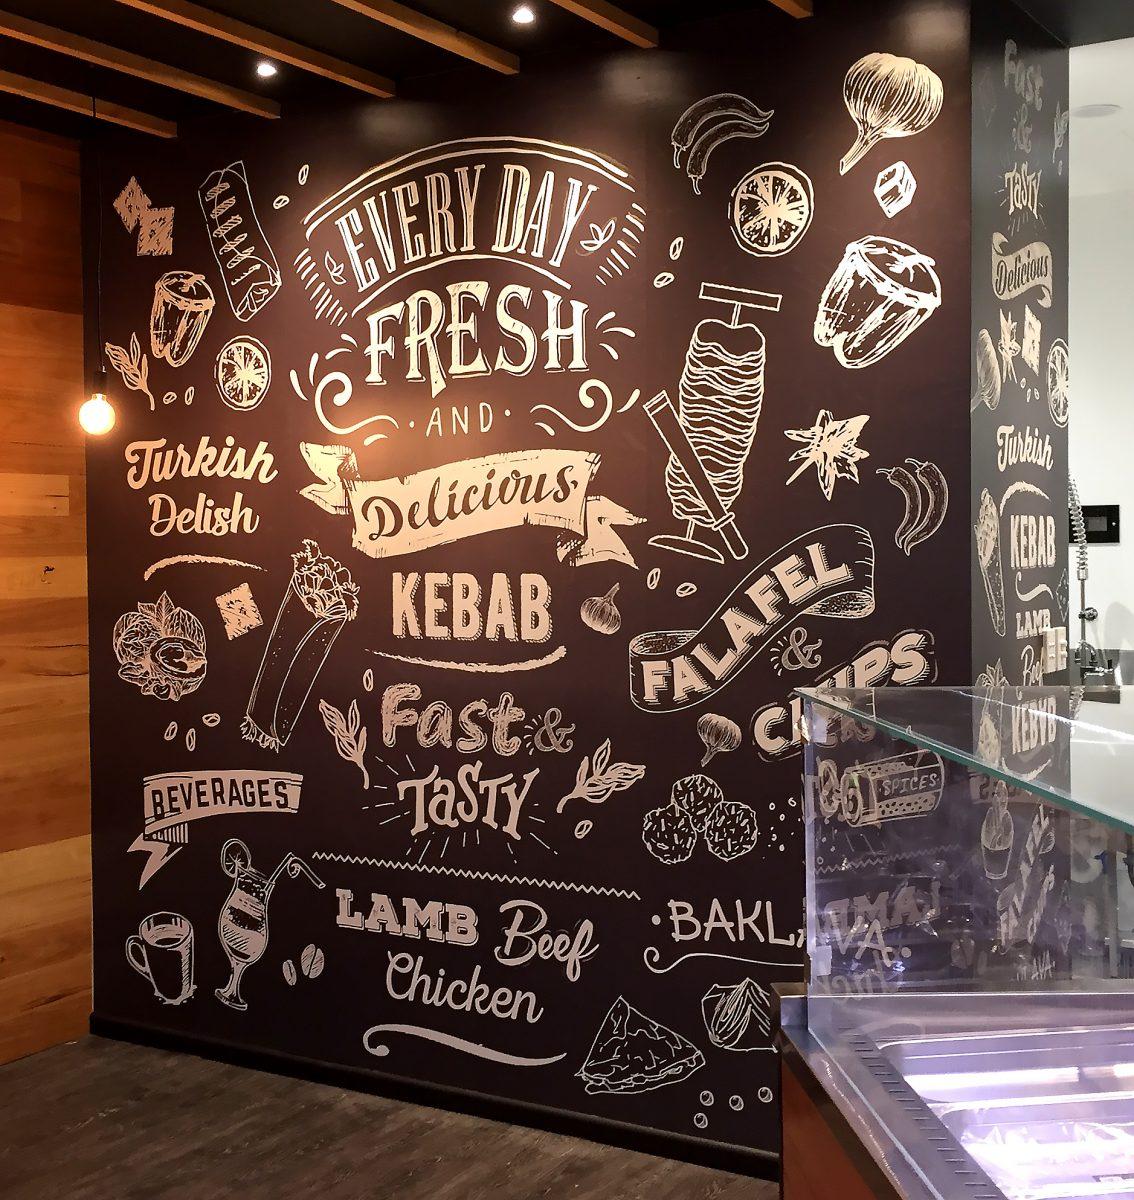 Kebab Express Wall Mural